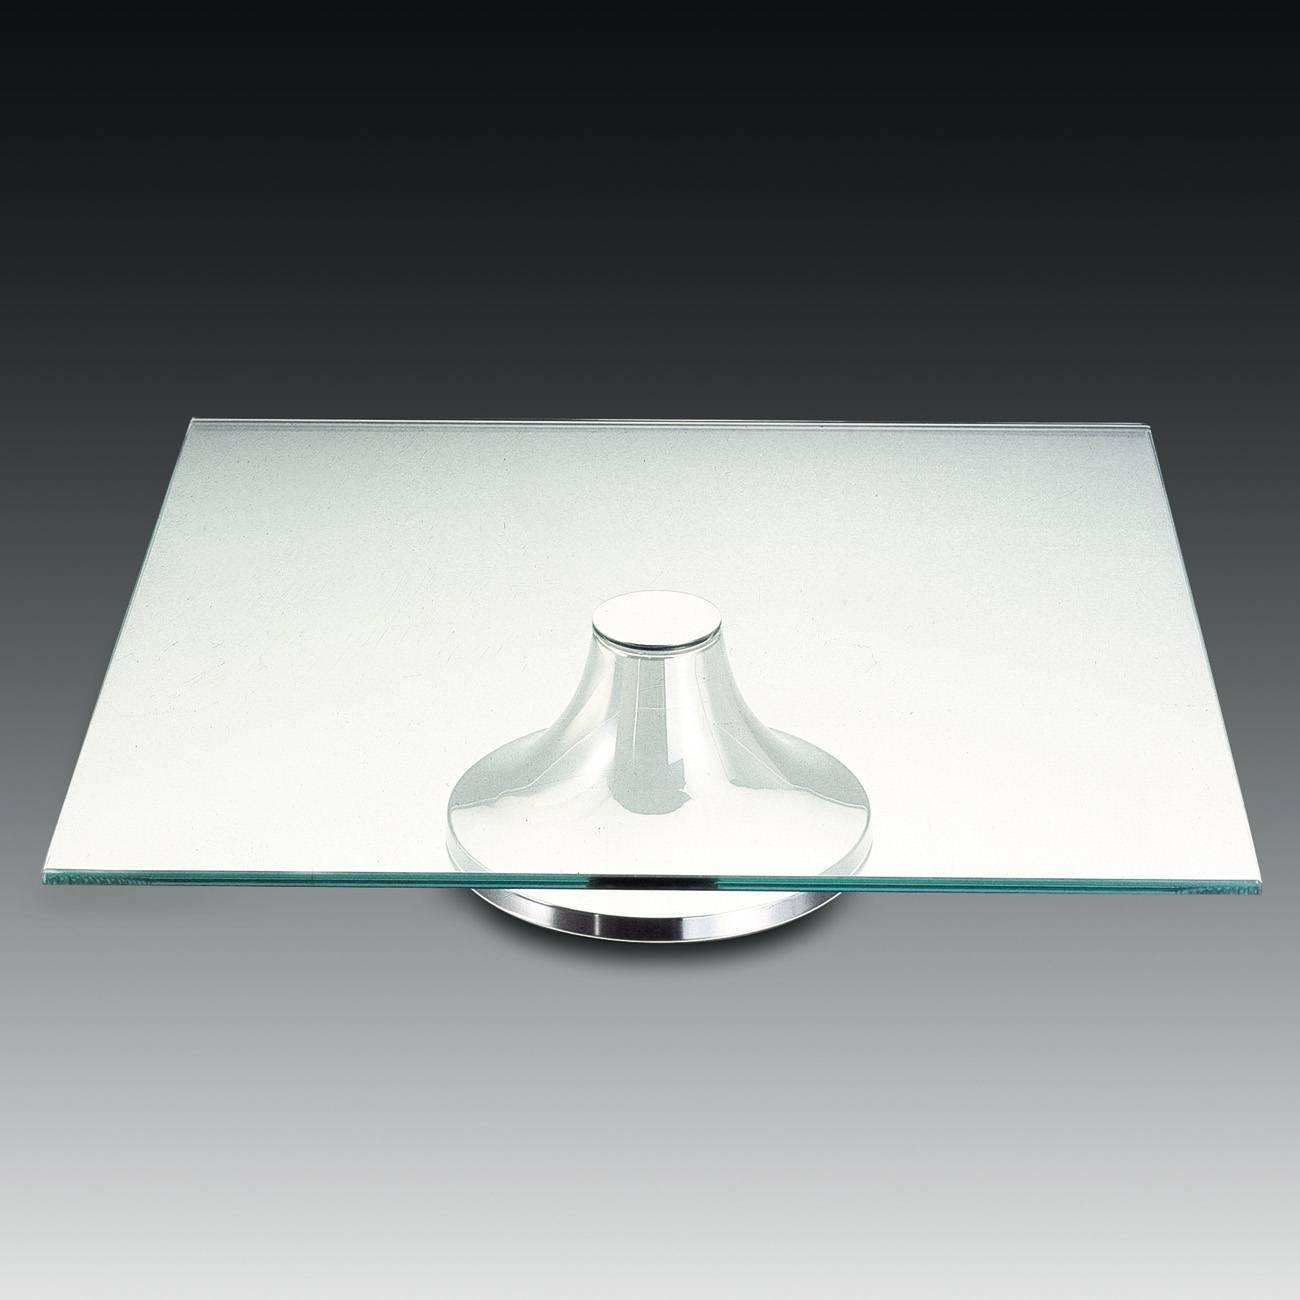 Prato para Bolo Roma Pedestal Quadrado em Prata - Wolff - 40x40 cm